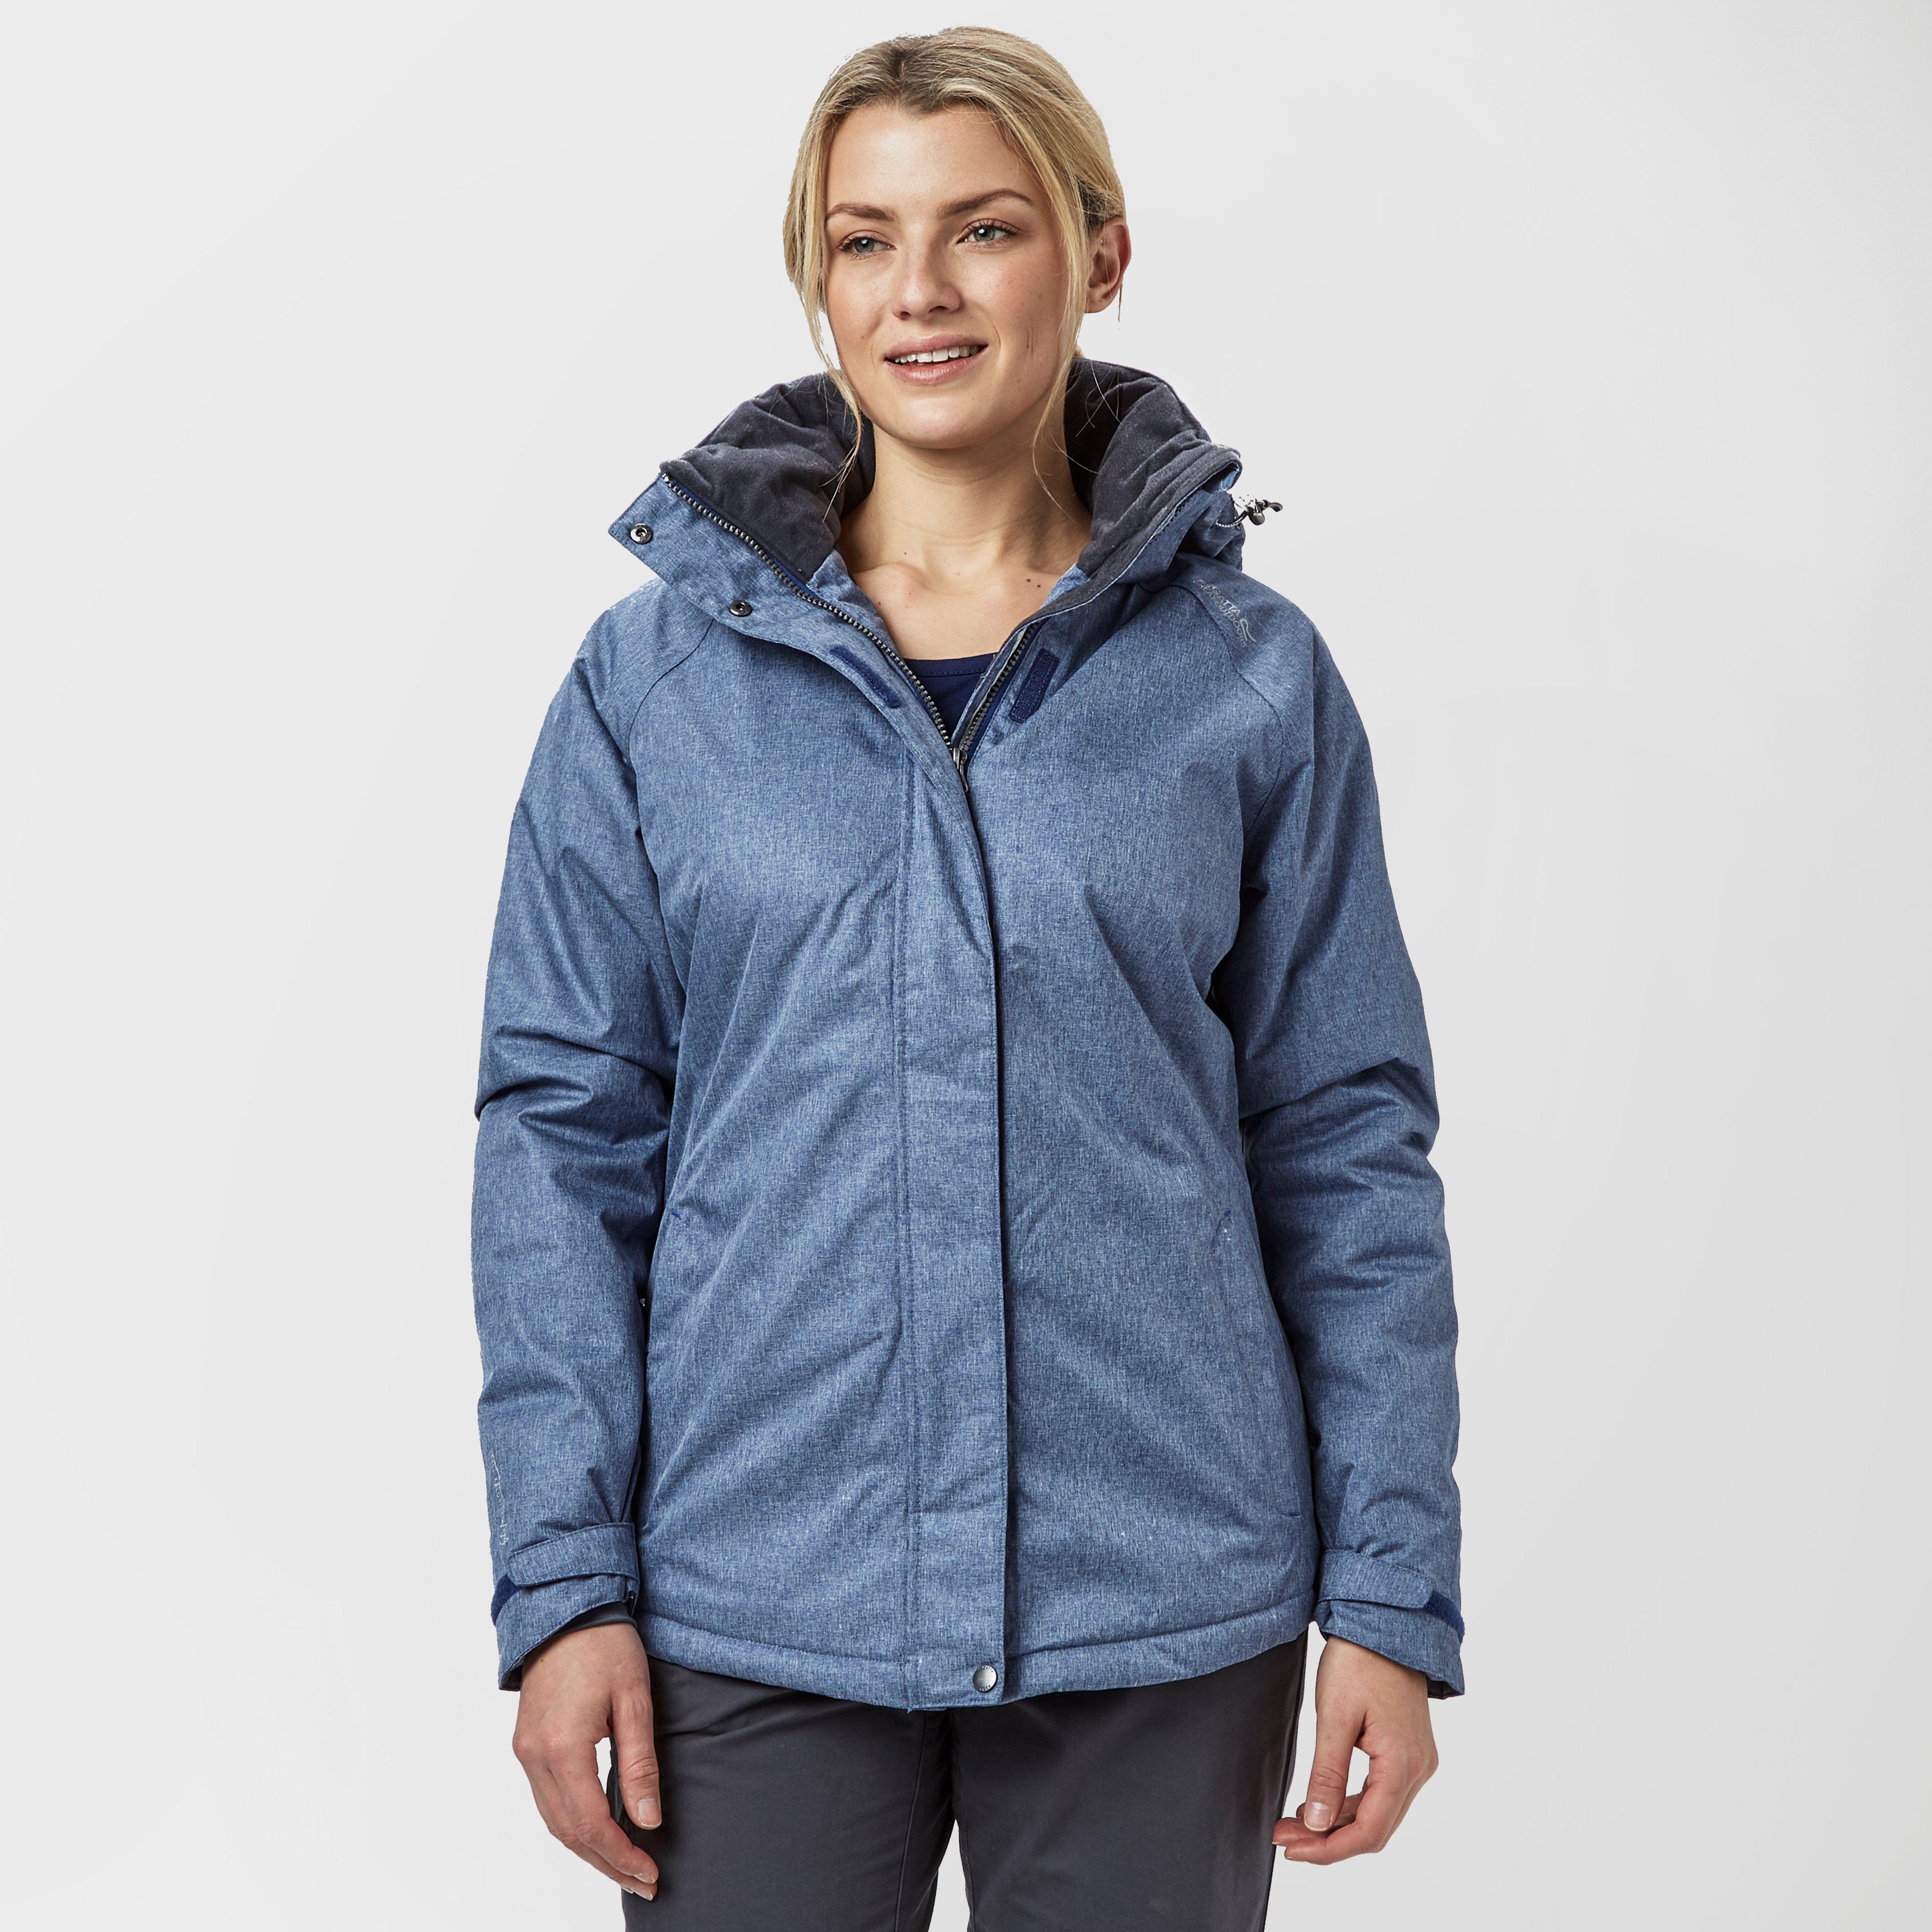 REGATTA Women's Highside II Waterproof Jacket